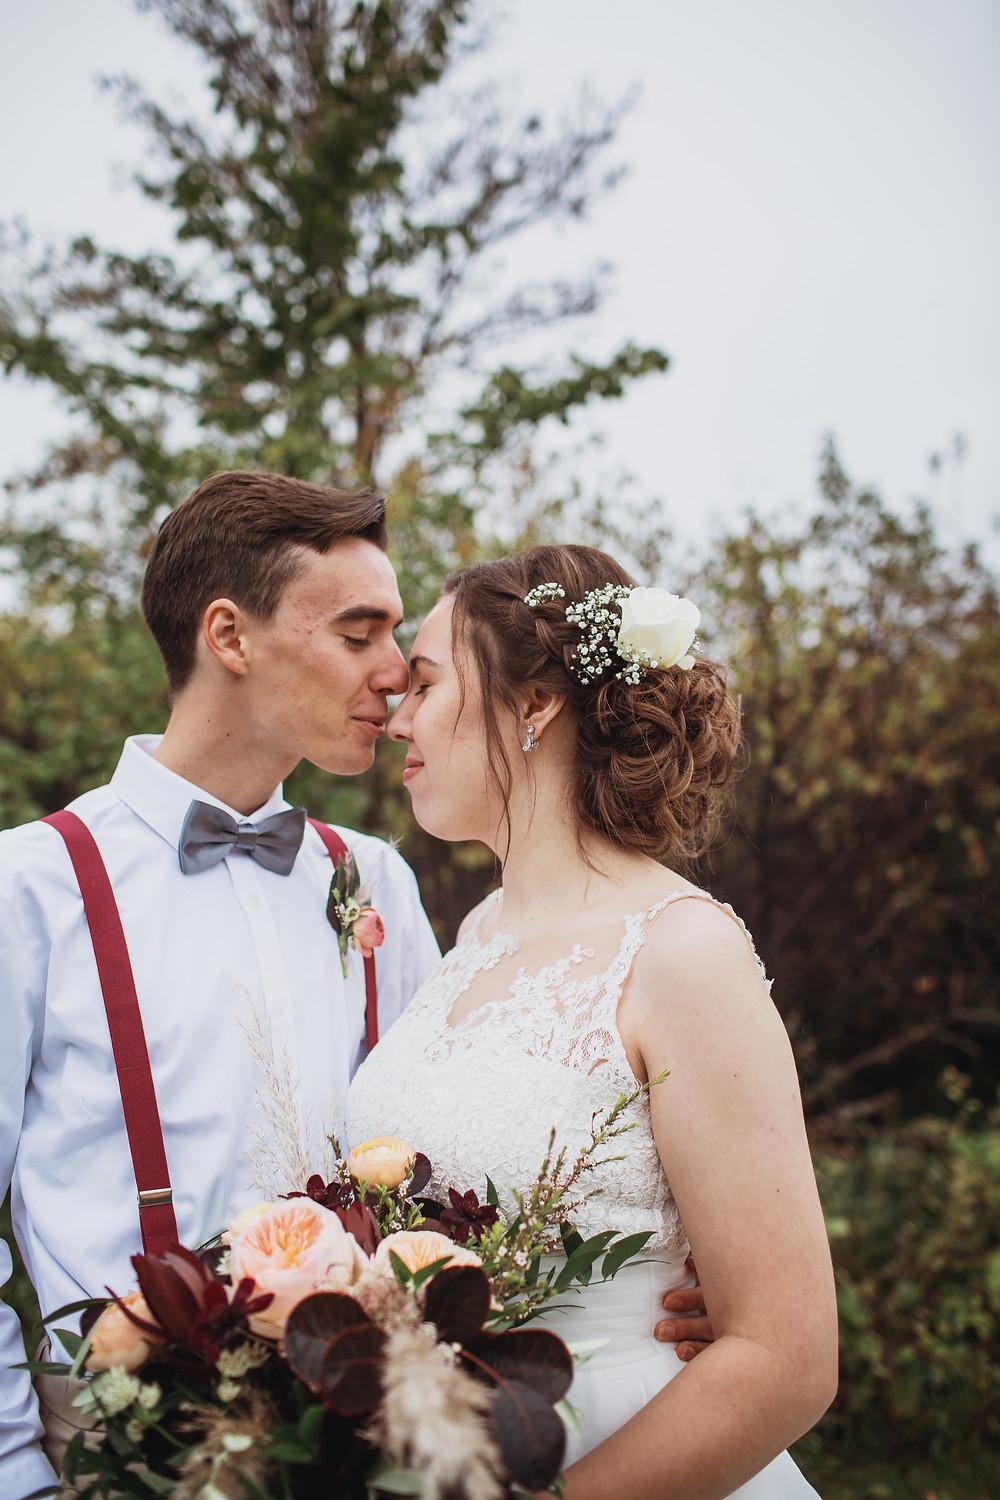 October wedding day in Winkler, Manitoba.